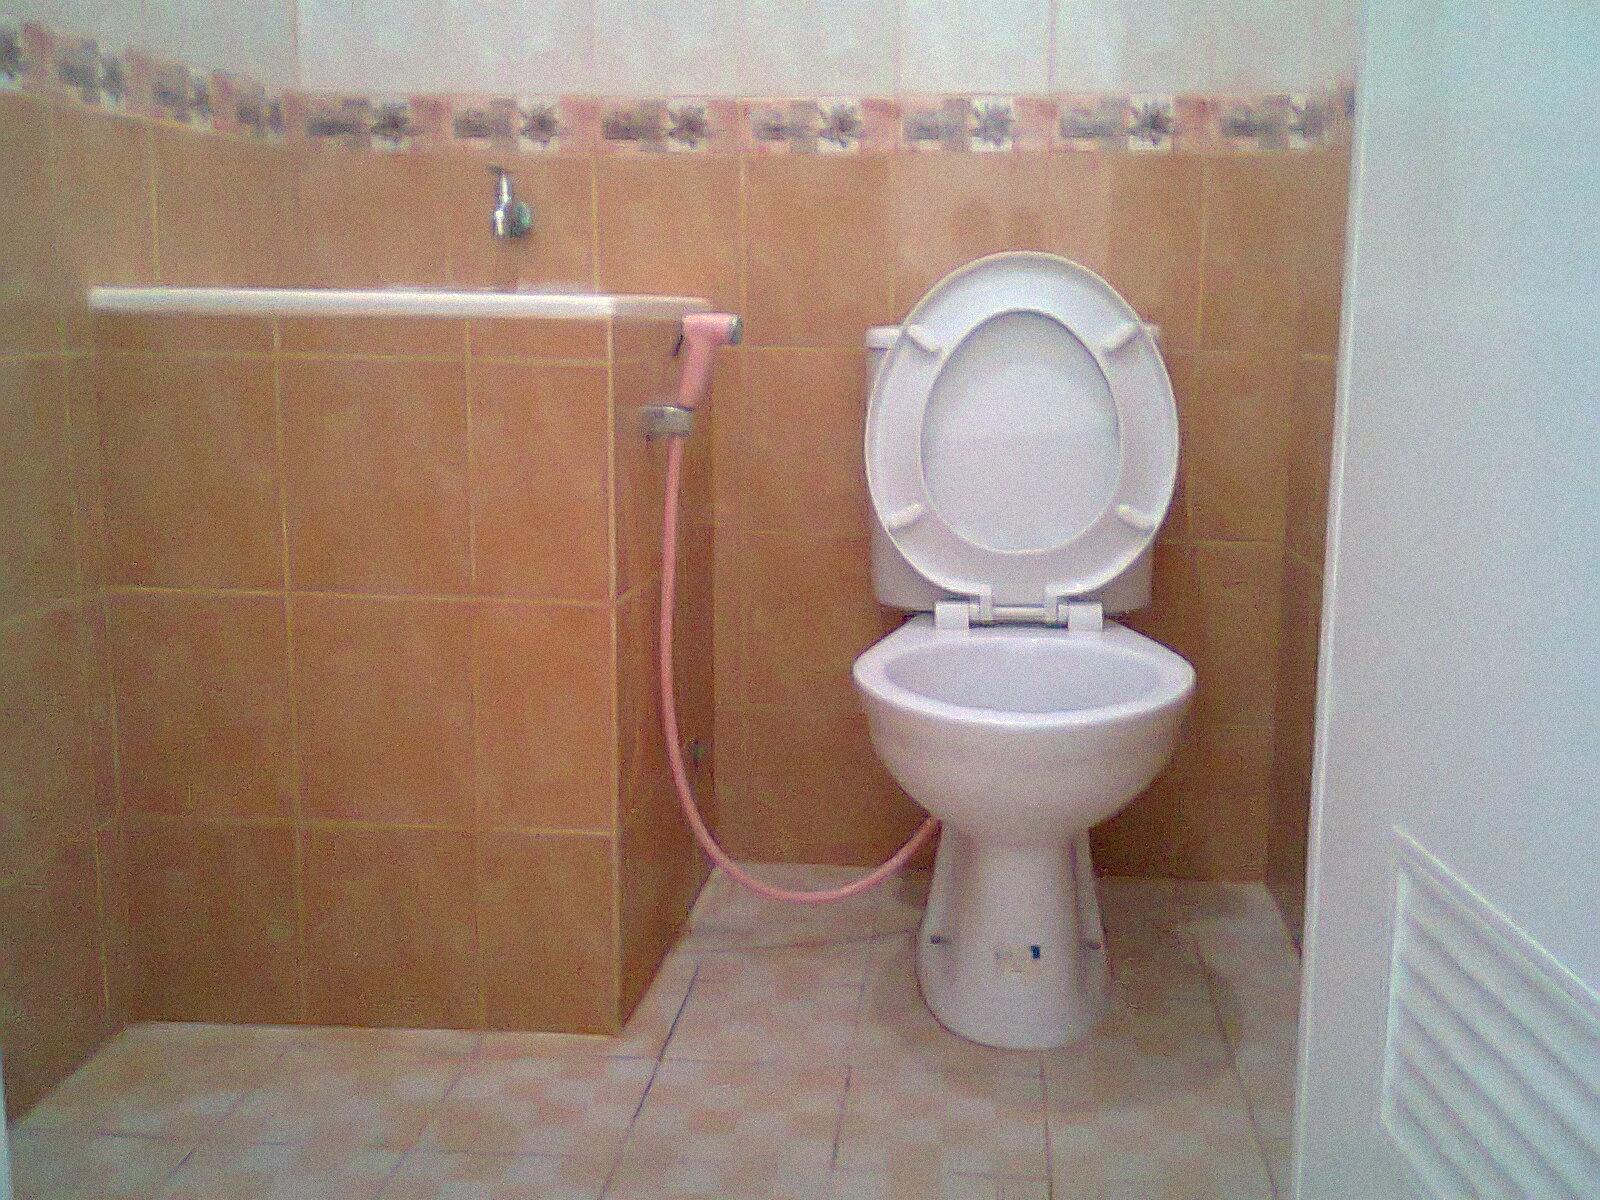 foto desain kamar mandi sederhana | desain rumah terbaru